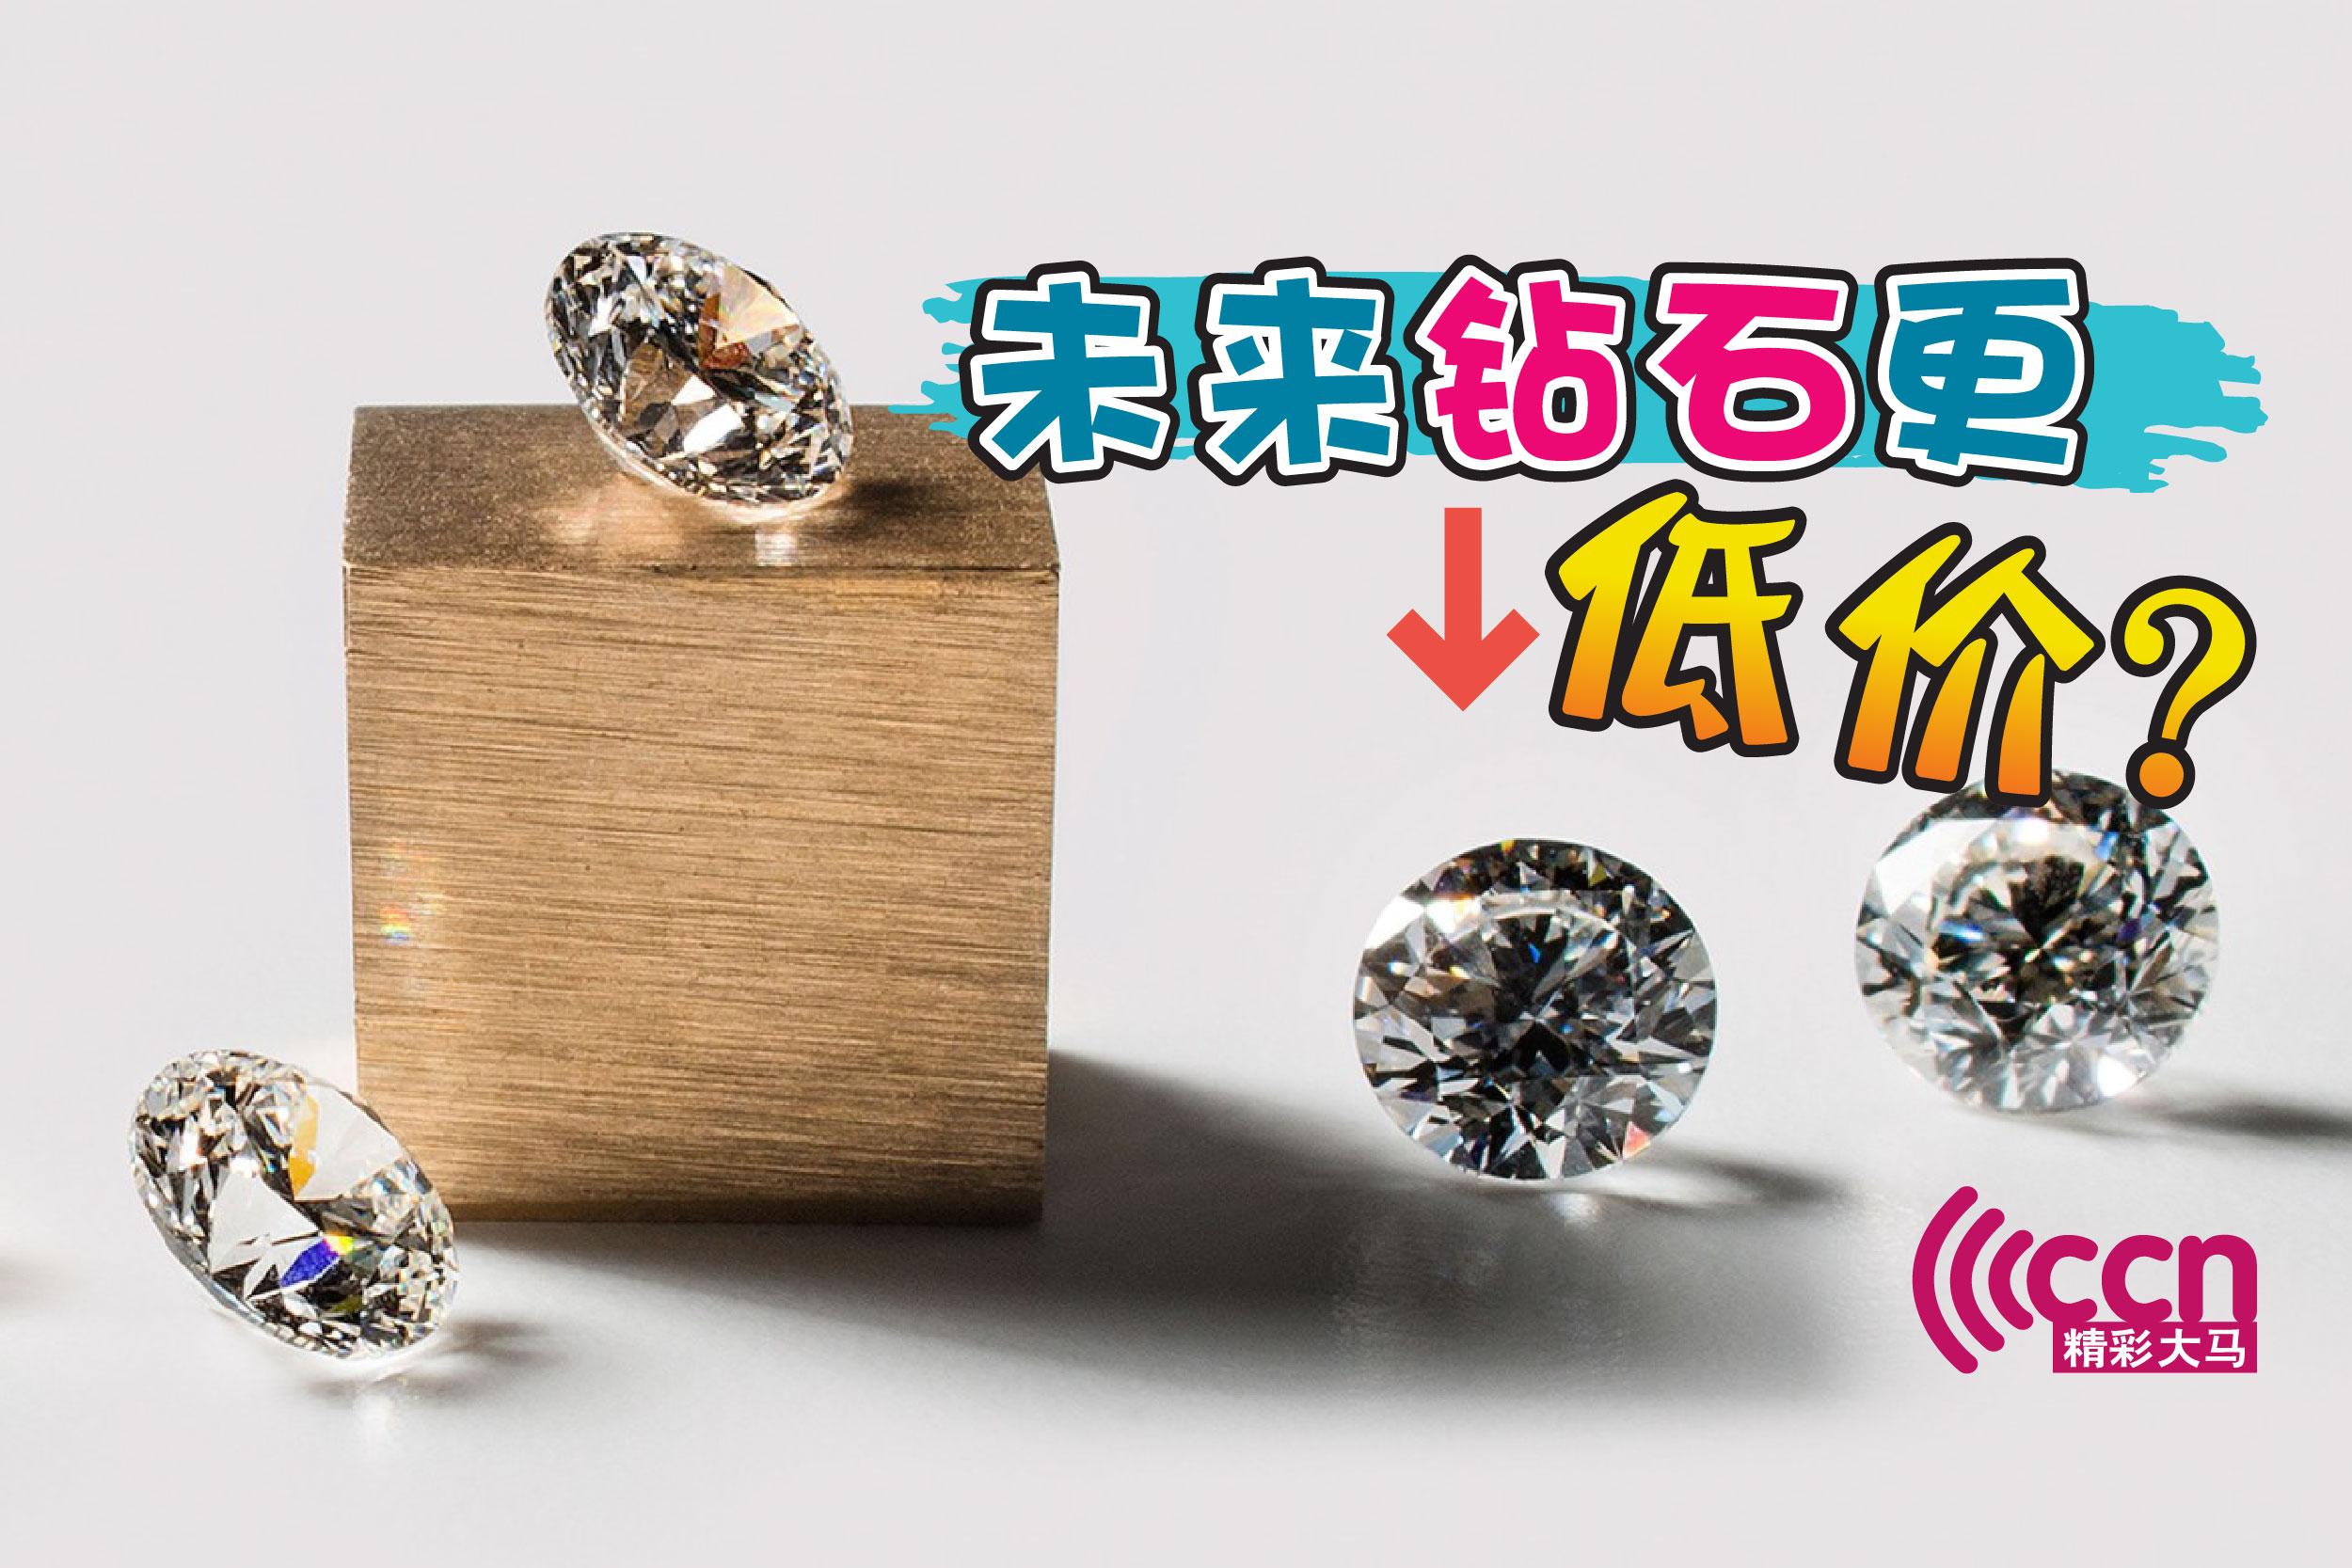 """""""未来钻石""""开始打入市场,到底会不会影响未来的钻石价格,还有待观望商家们的行销方式。-精彩大马制图-"""